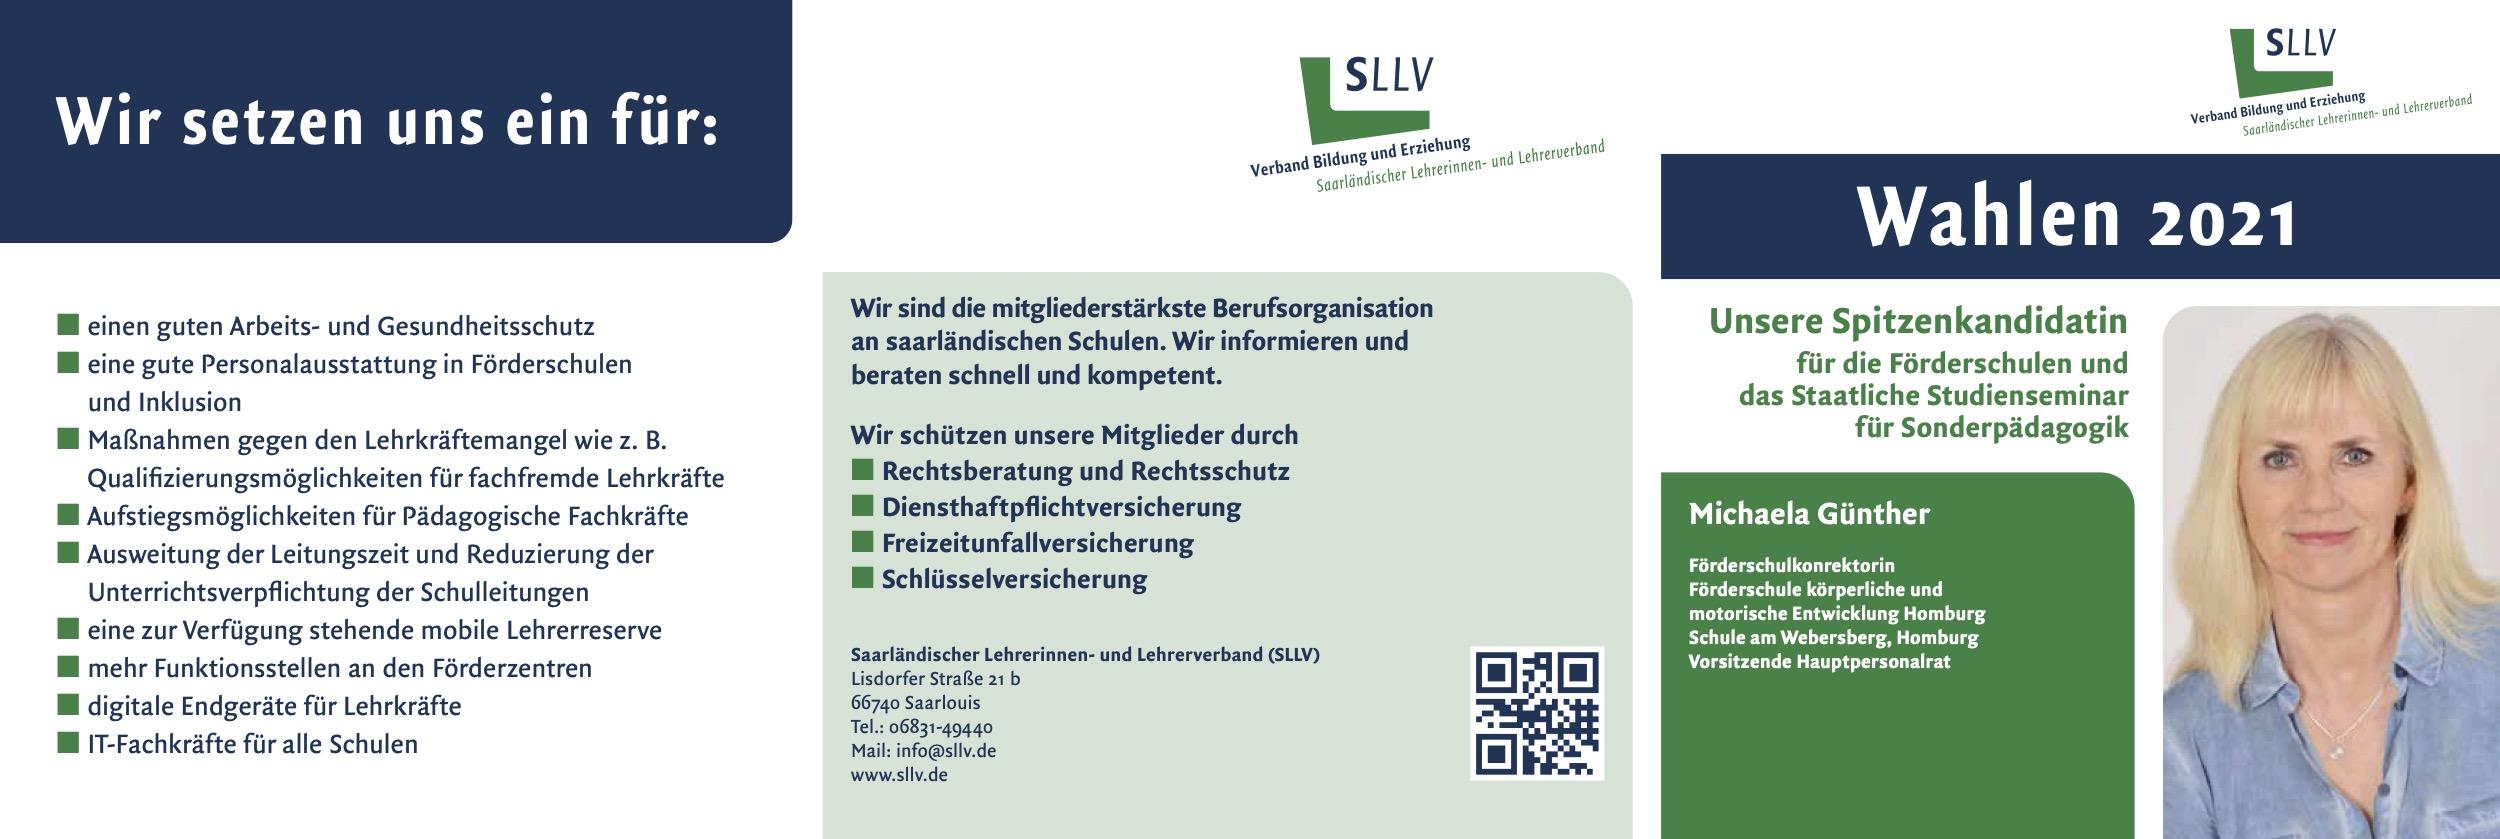 sllv_fly_PRwahlen_FB_2021_01